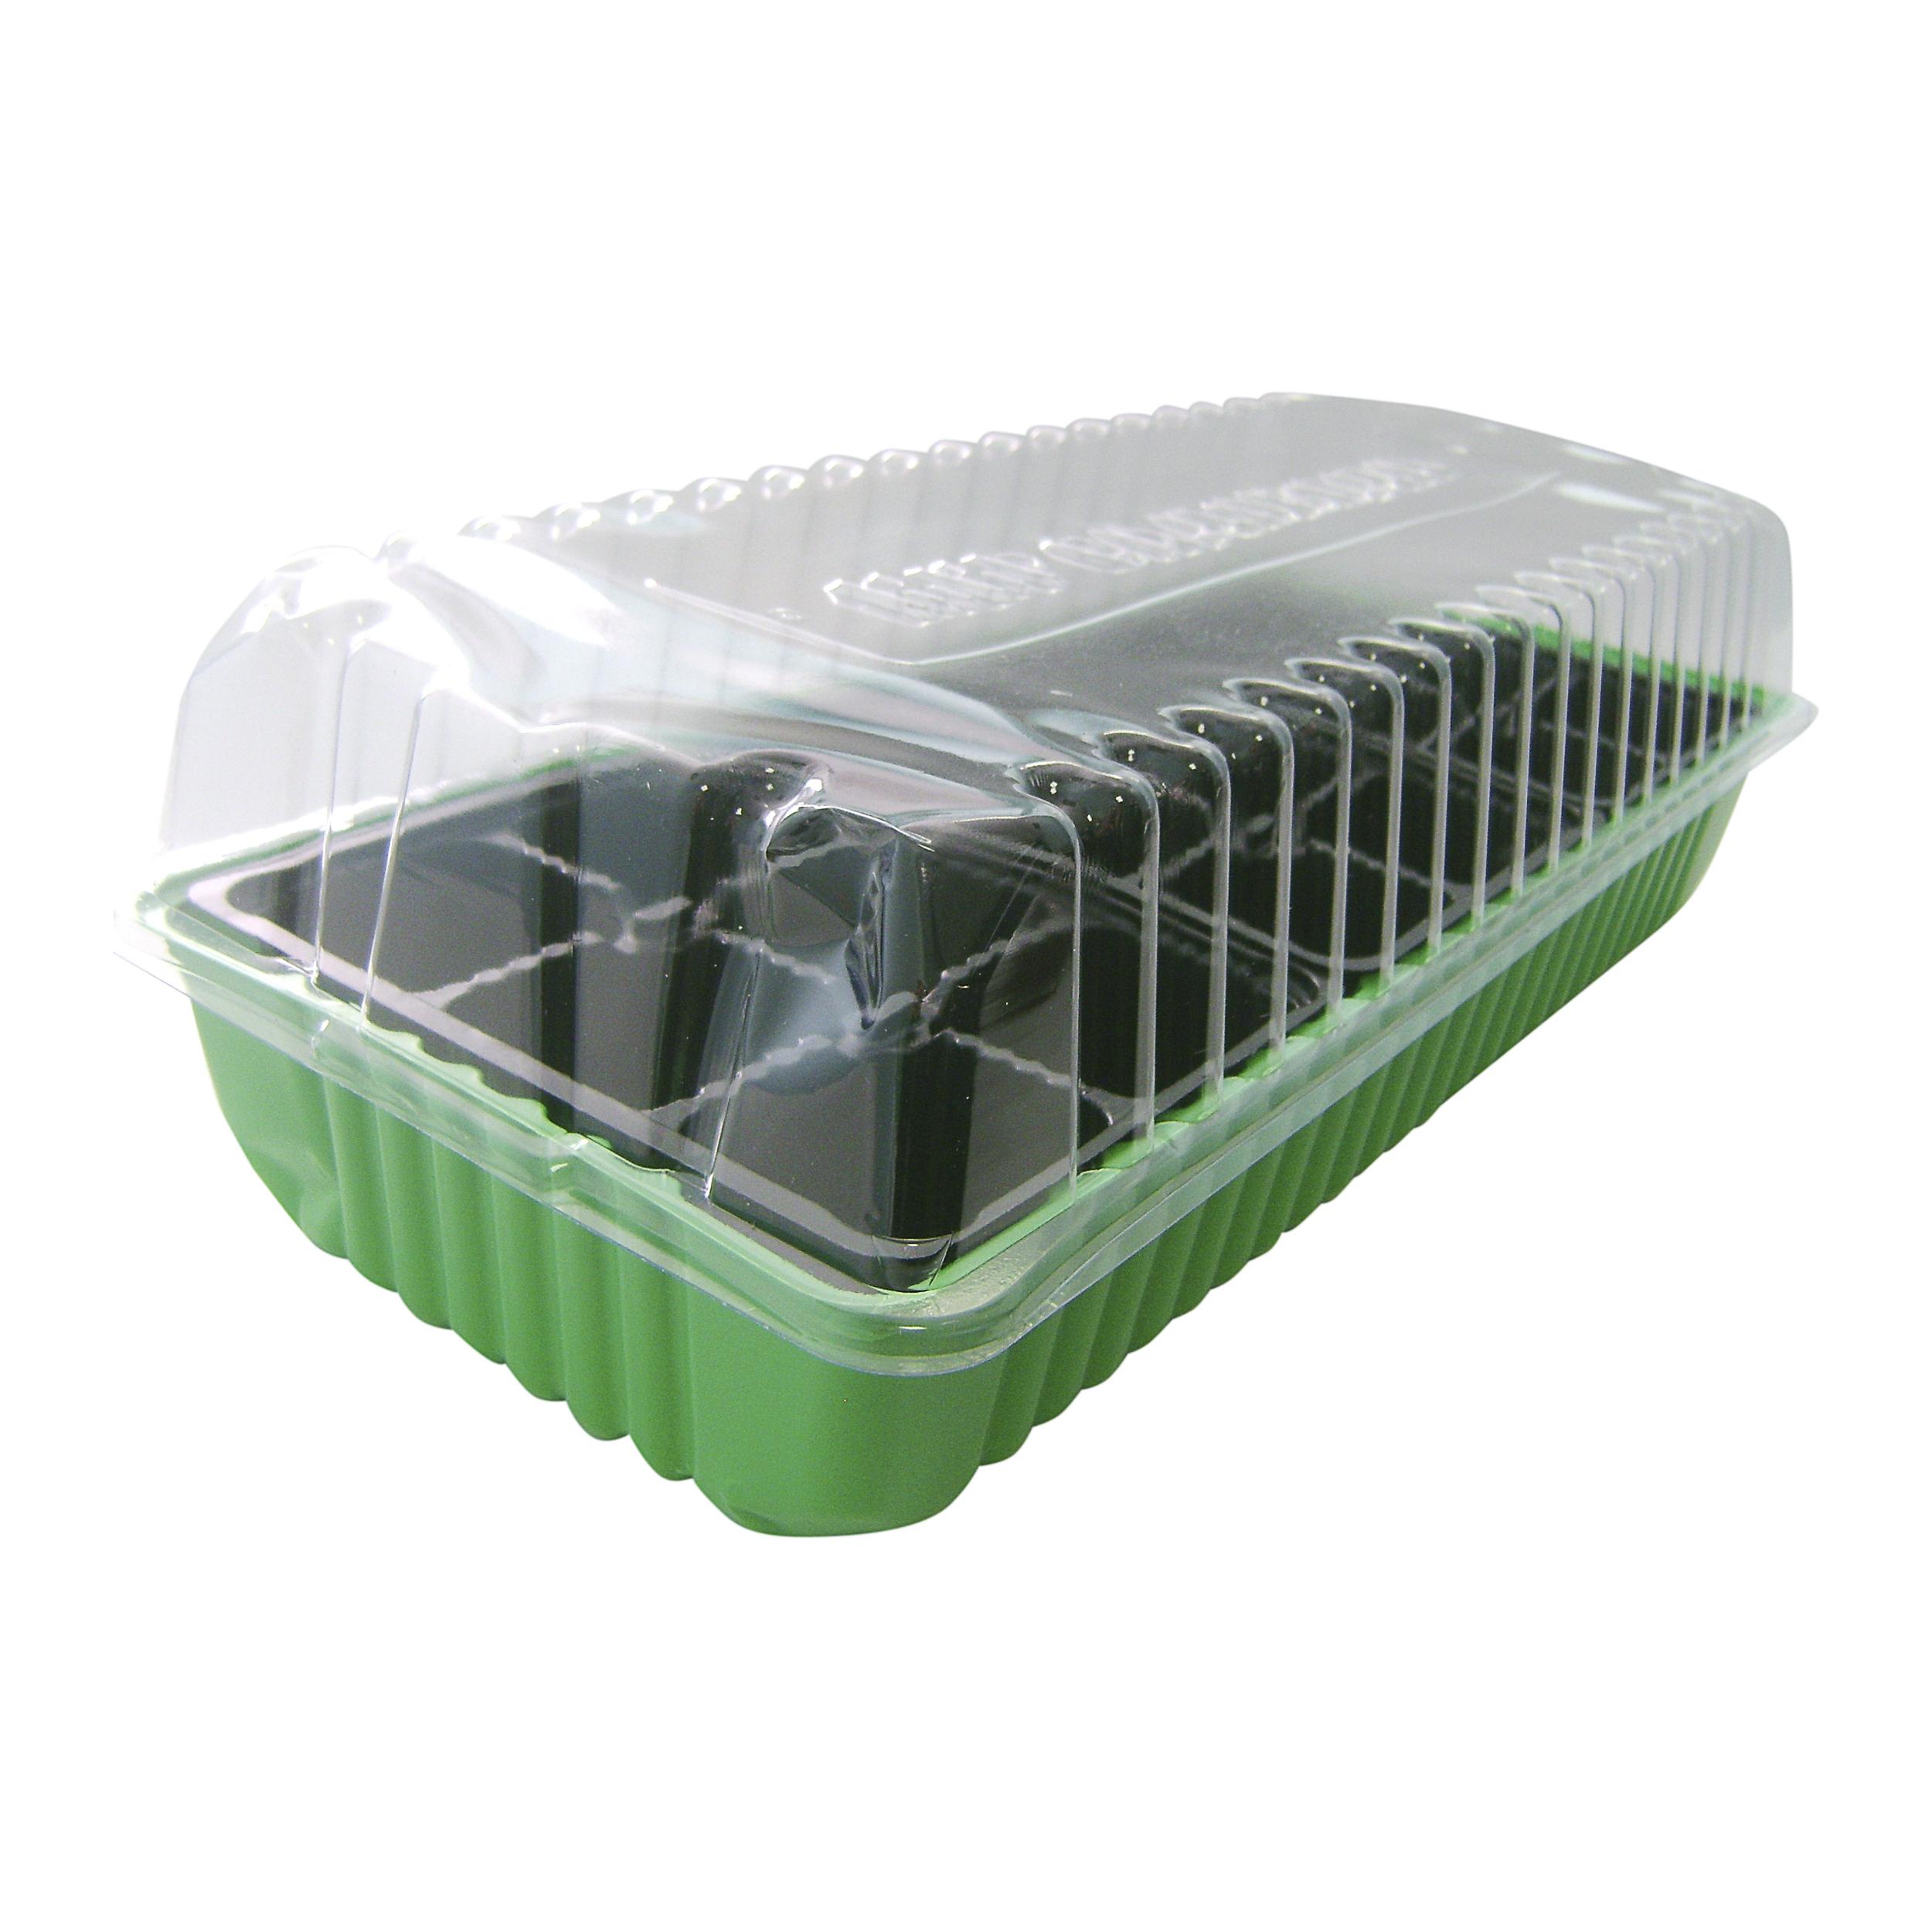 Мини-парник для проращивания семян и рассады